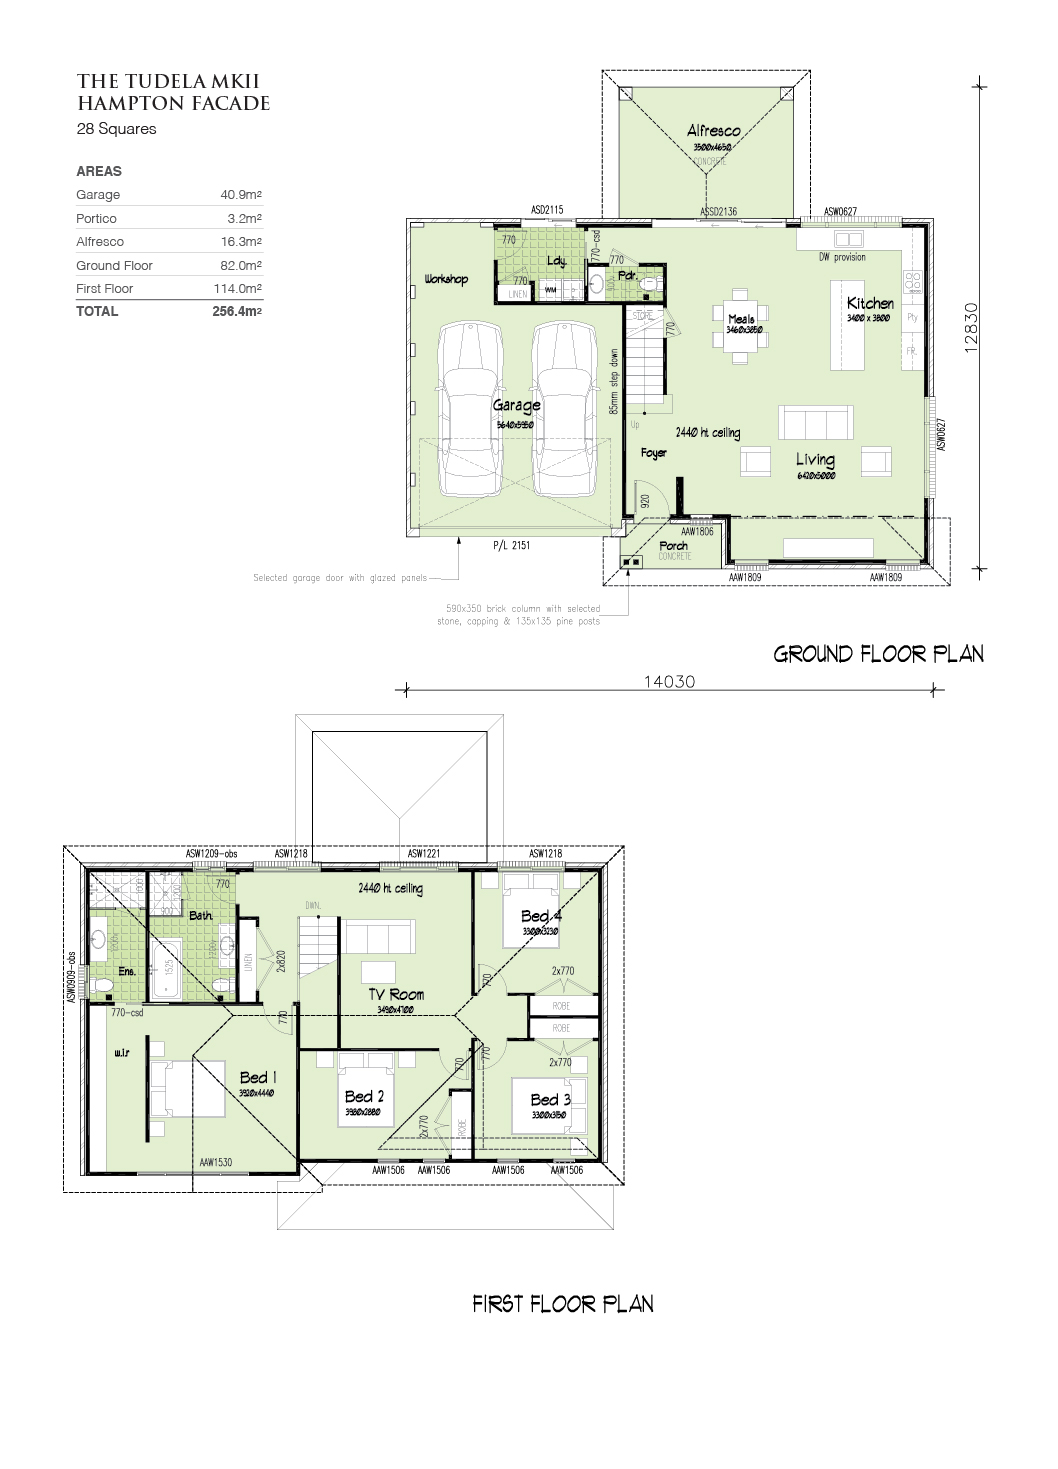 Tudela Hampton facade, Home Design, Tullipan Homes